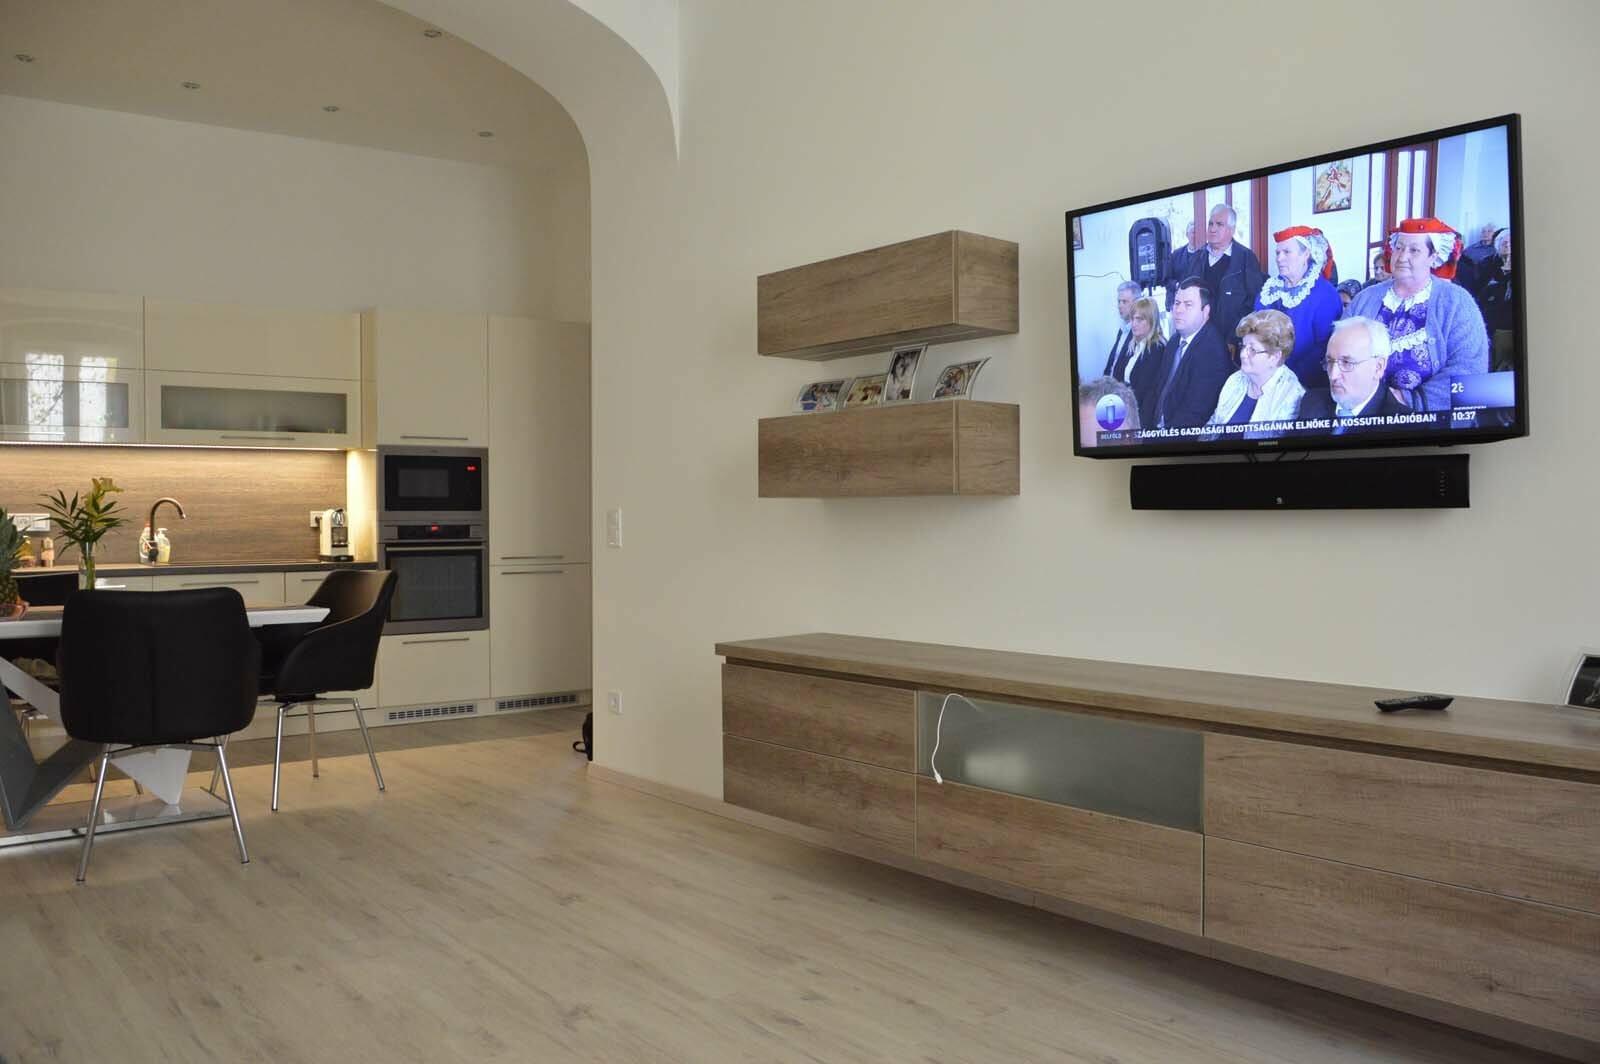 Egyedi konyhabútor készítés egyenes falra rejtett led világitással a felső elemek aljába blum aventos hf felnyiló vasalattal egy légtérbe a nappali bútorral